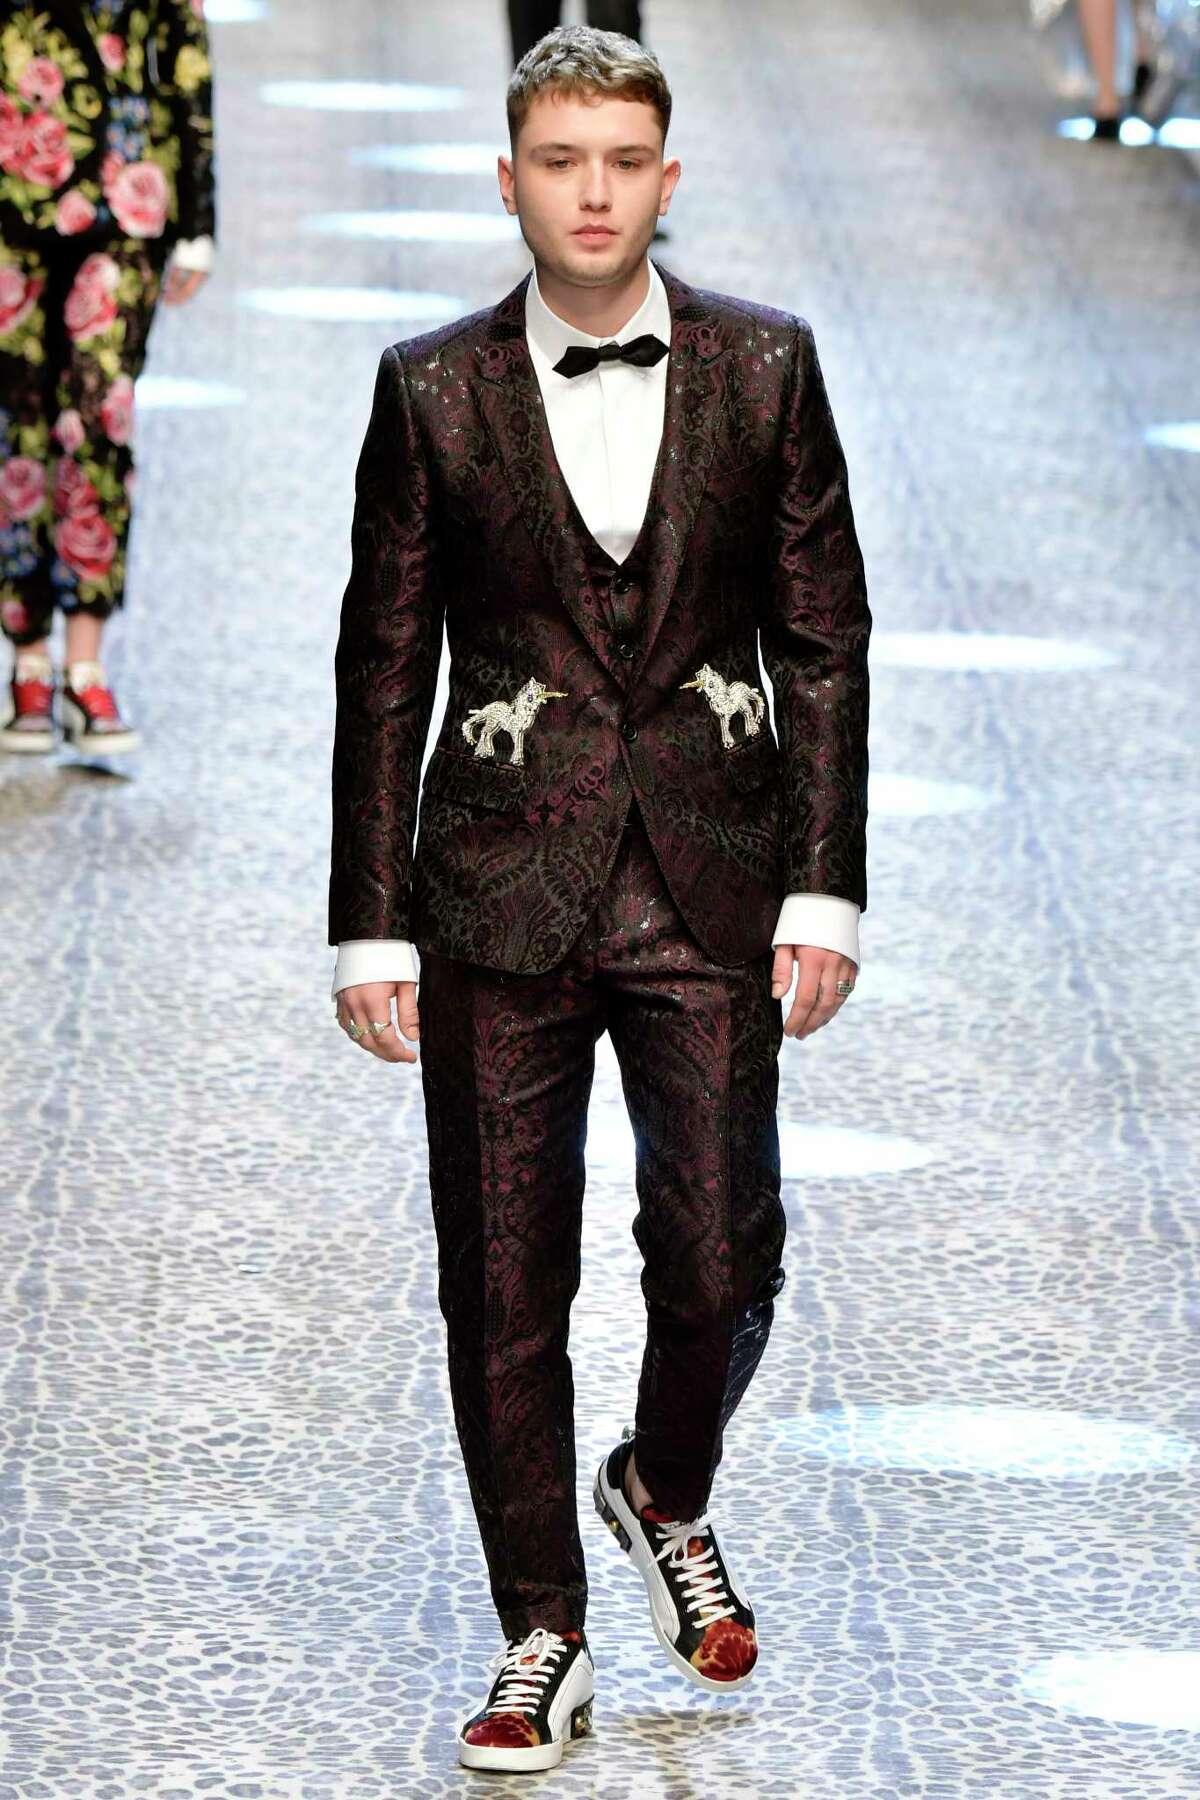 THE TUX: Dolce & Gabbana